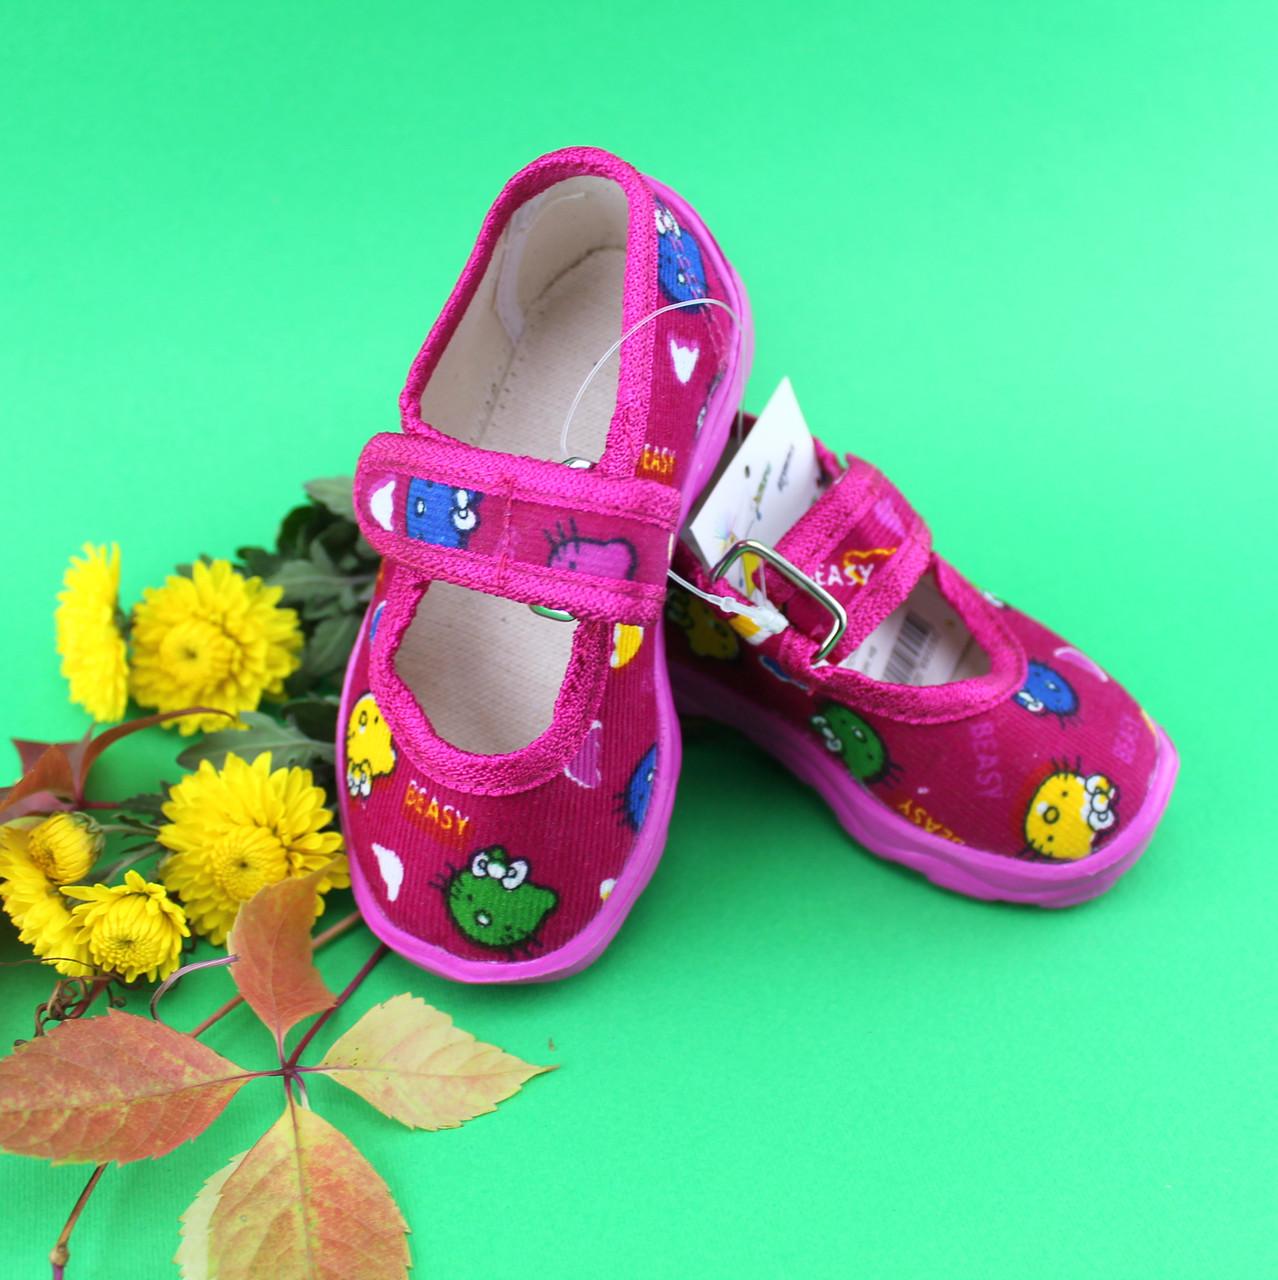 Тапочки в садик на девочку, текстильная обувь Vitaliya Виталия Украина, размеры р.19